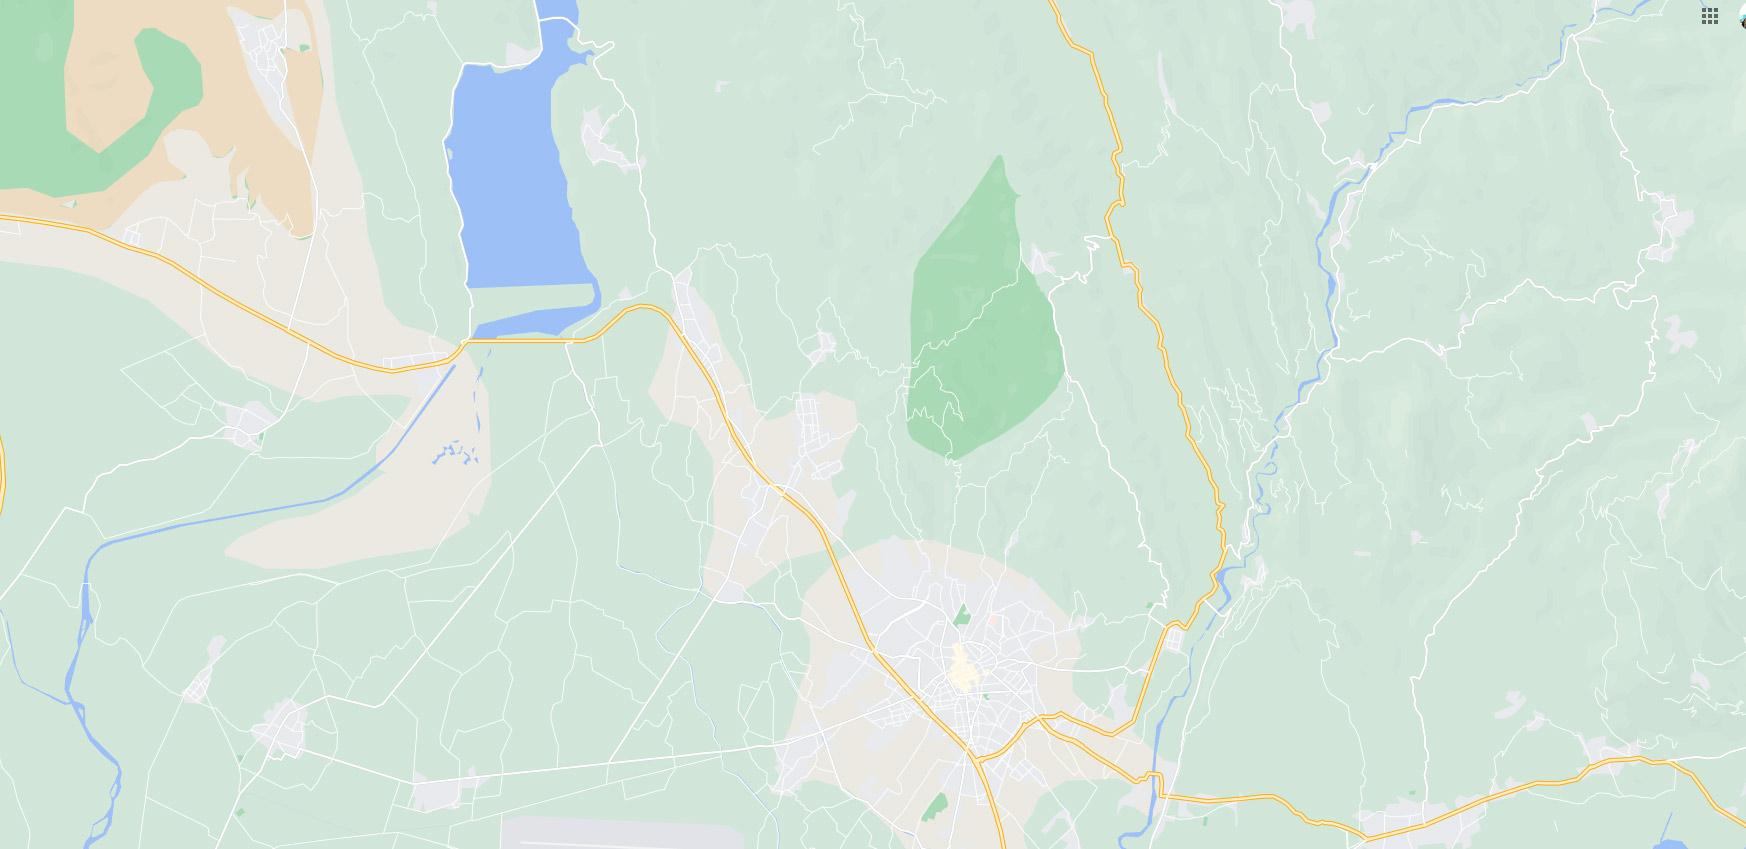 MAPS_AGRINIO